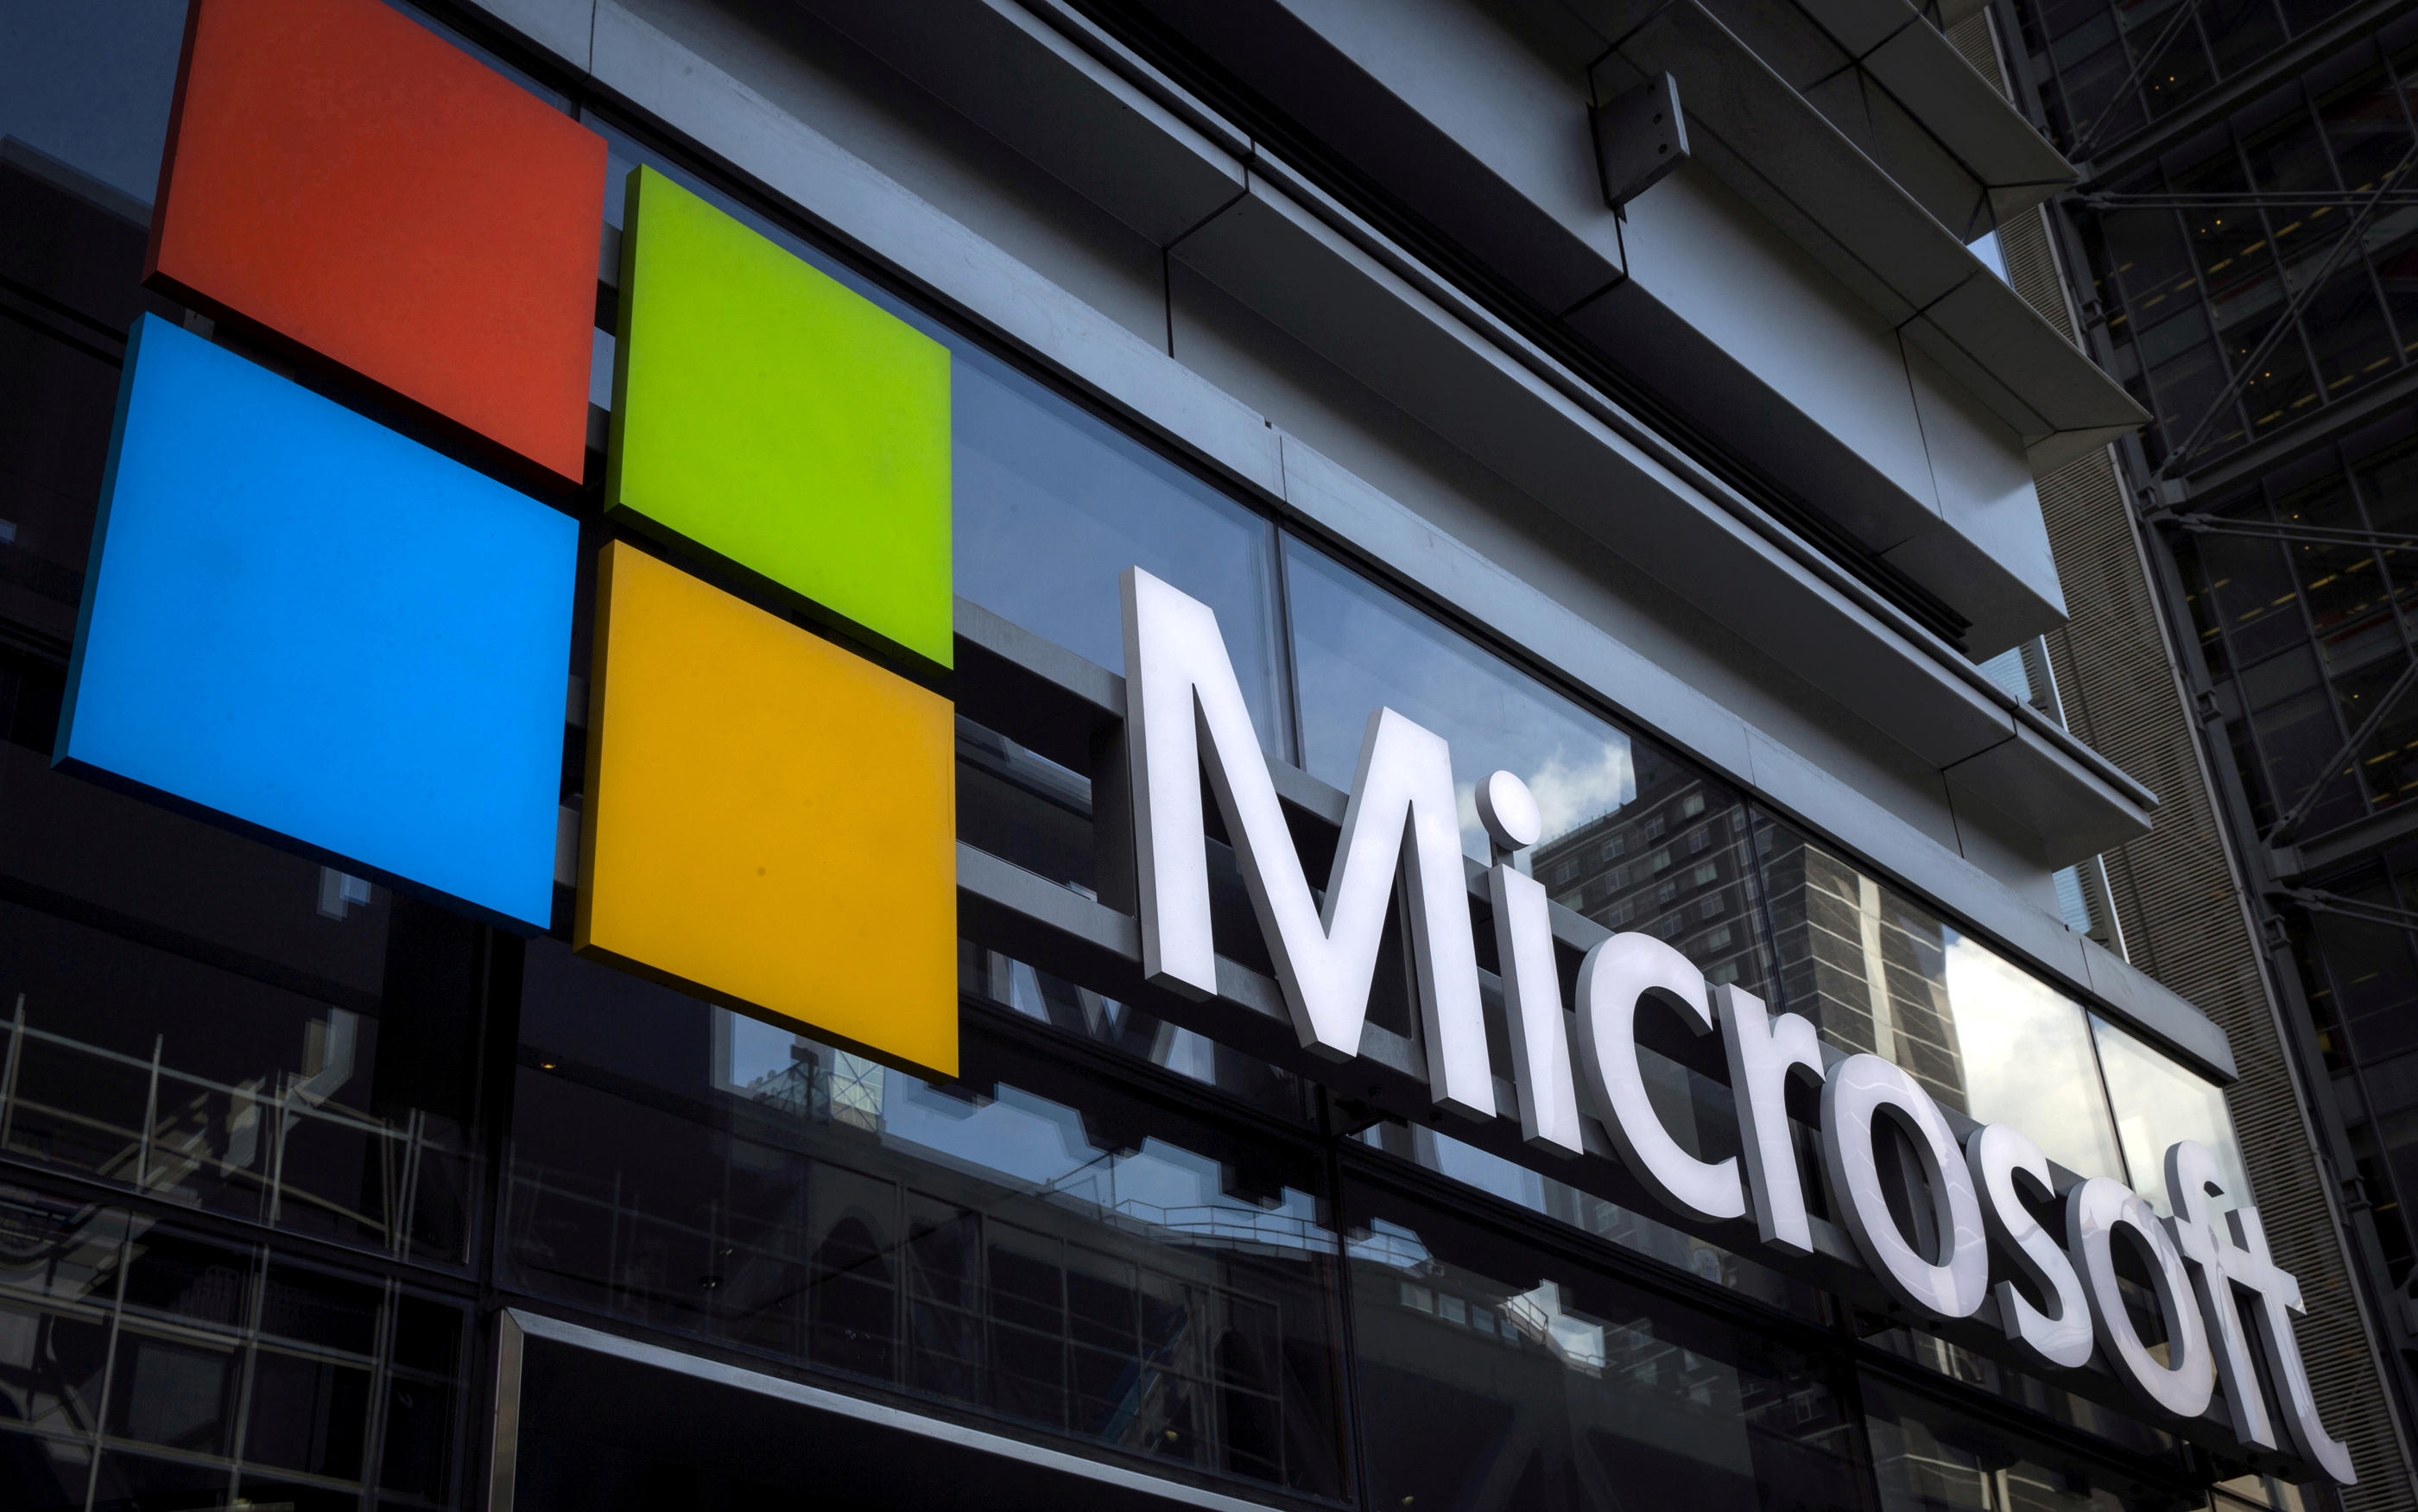 Microsoft victime d'une cyberattaque massive, la Chine soupçonnée - Le Parisien